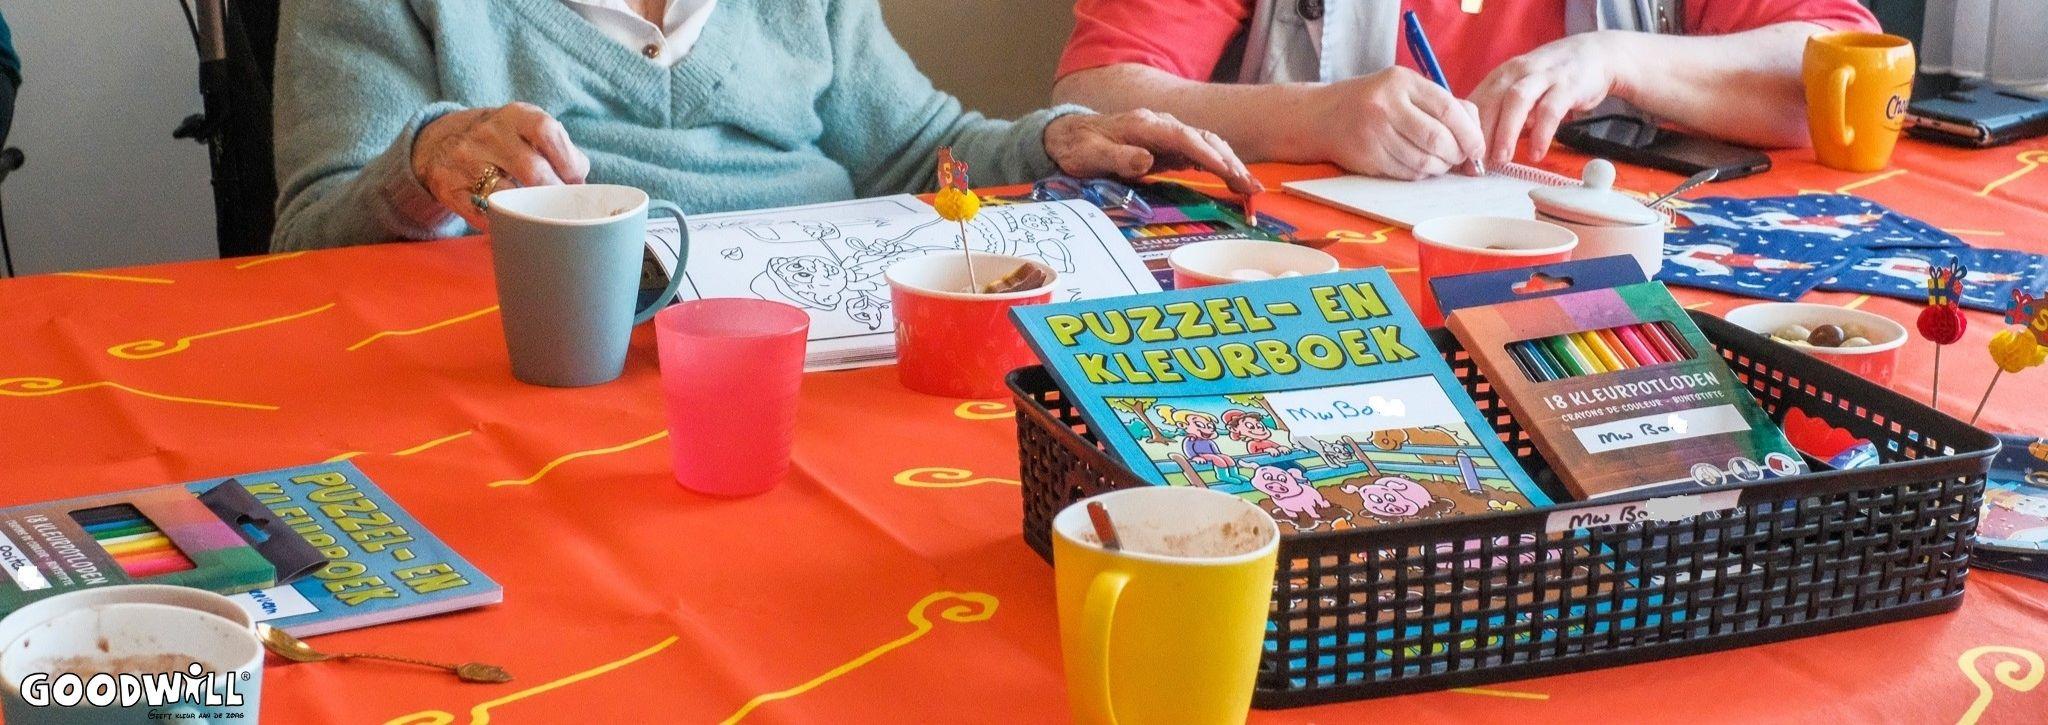 Kleurboeken bij dementie zorgcentra zeer populair